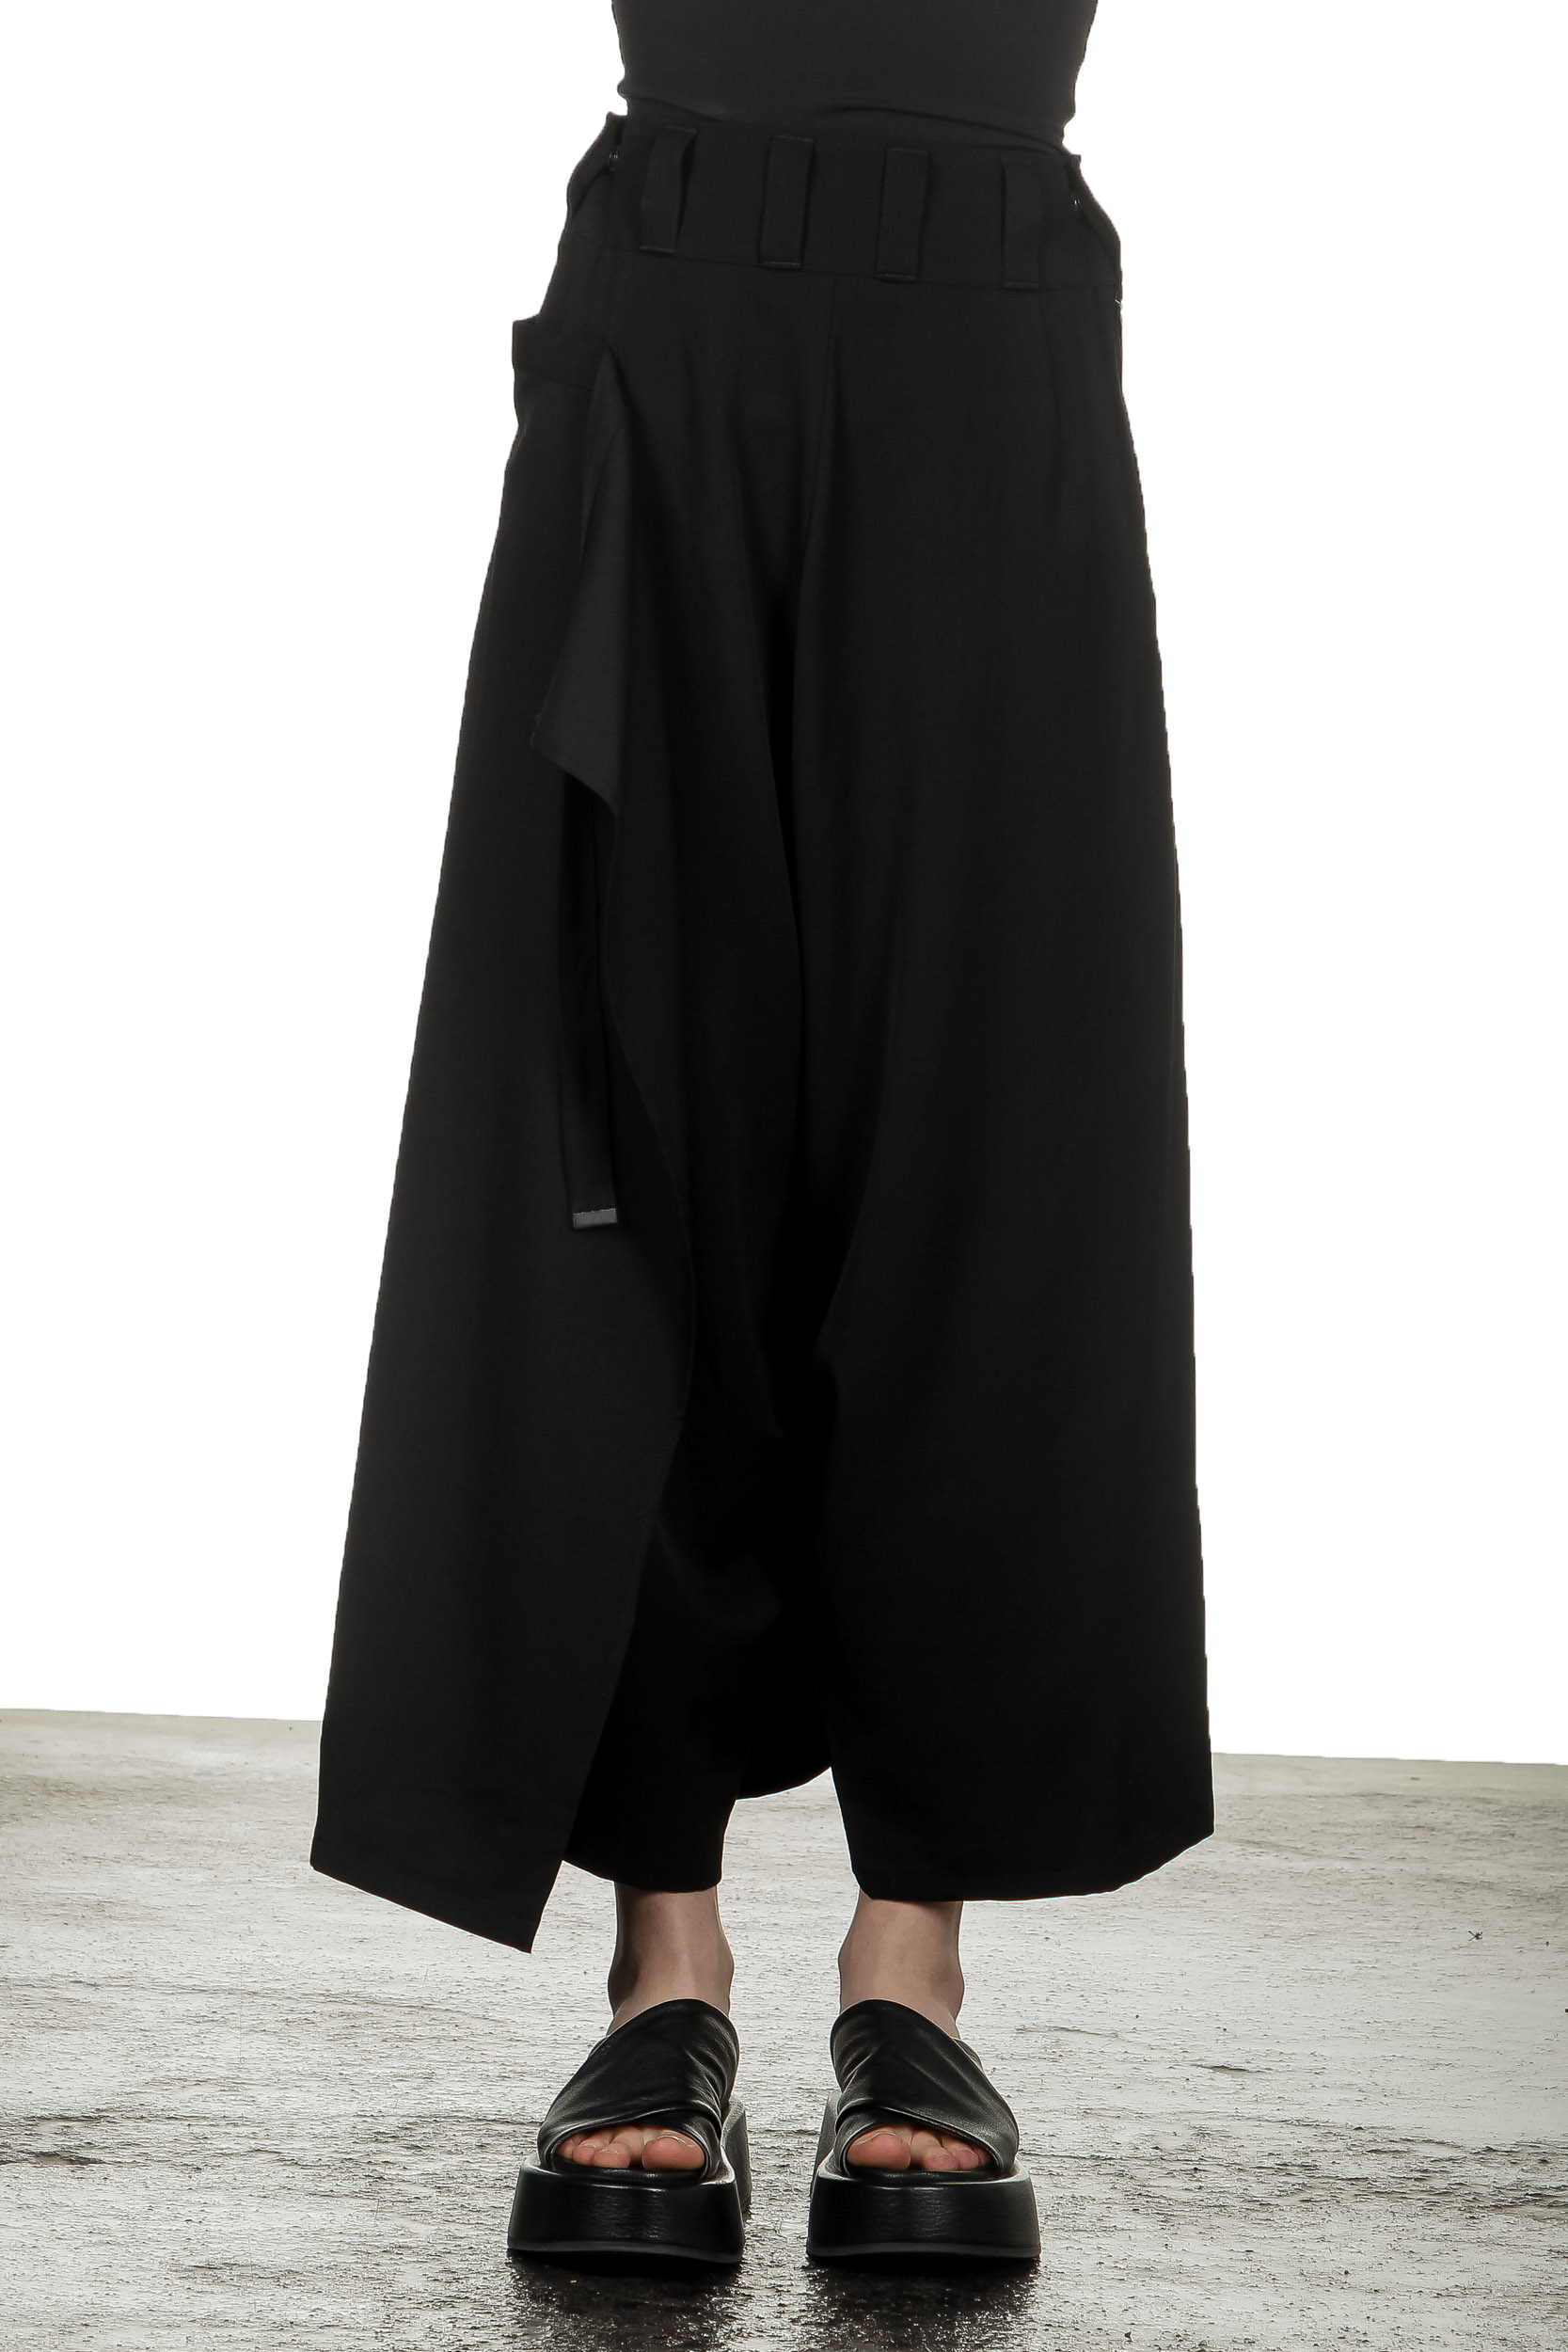 Hosen - Yohji Yamamoto Damen Asymmetrischer Hosenrock mit weitem Bein schwarz  - Onlineshop Luxury Loft